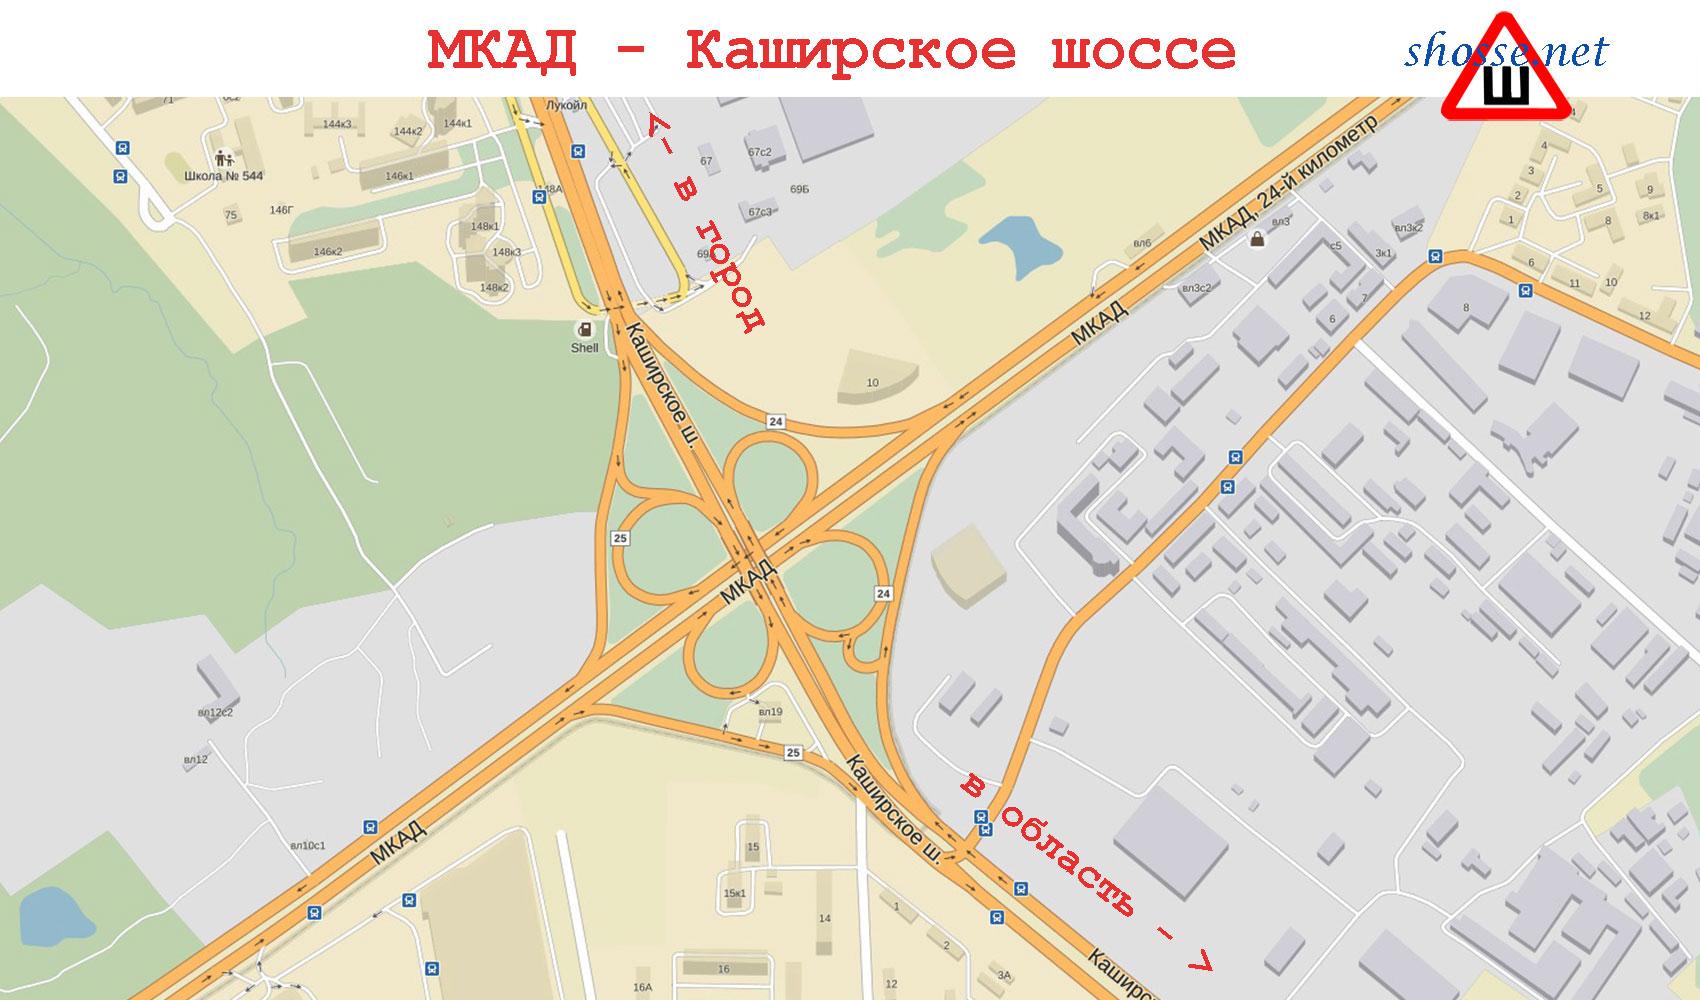 Каширское шоссе 23 схема проезда